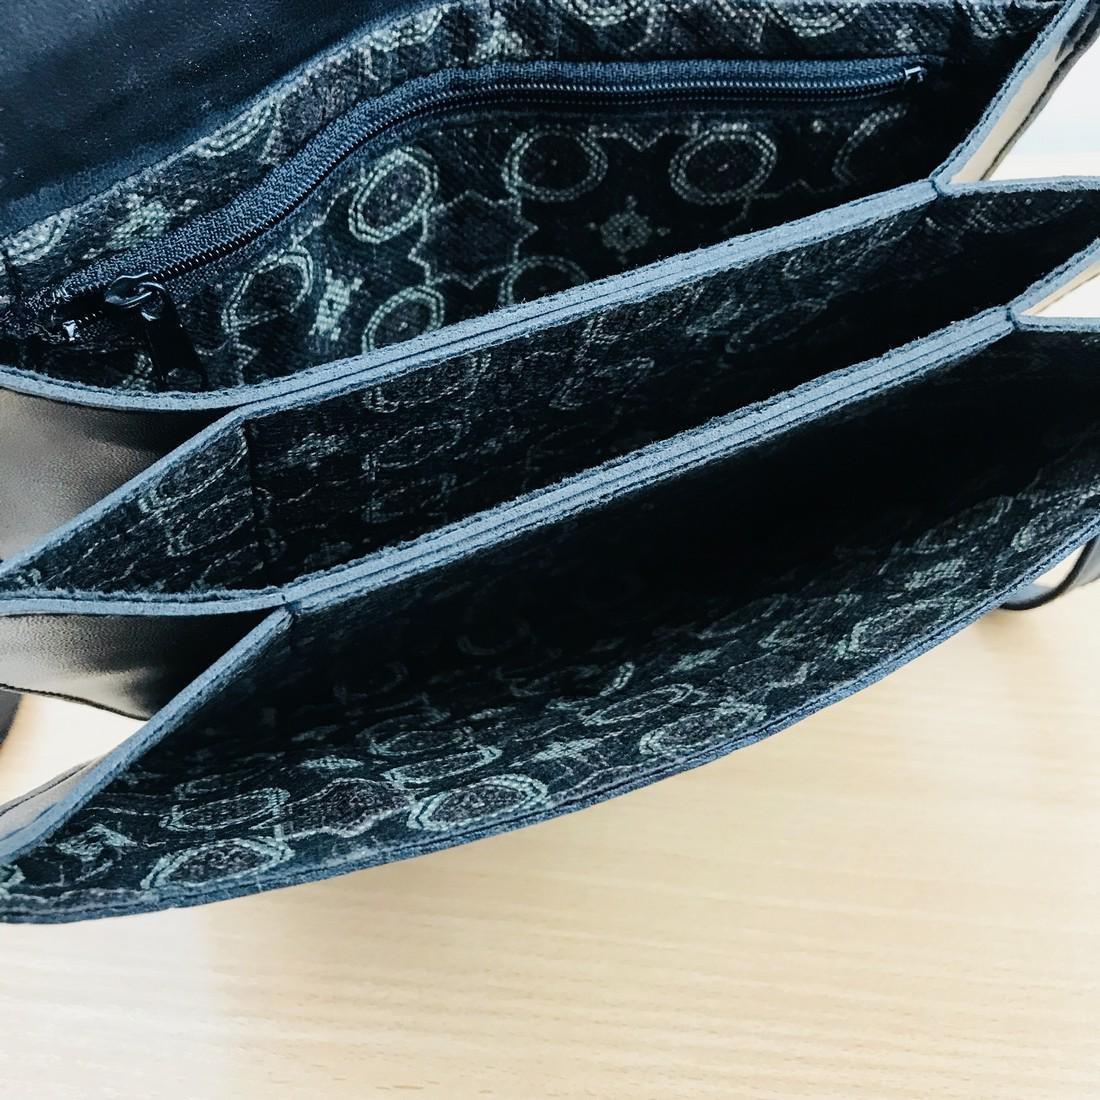 Vintage Handmade Alligator Leather Immitation Small - 6